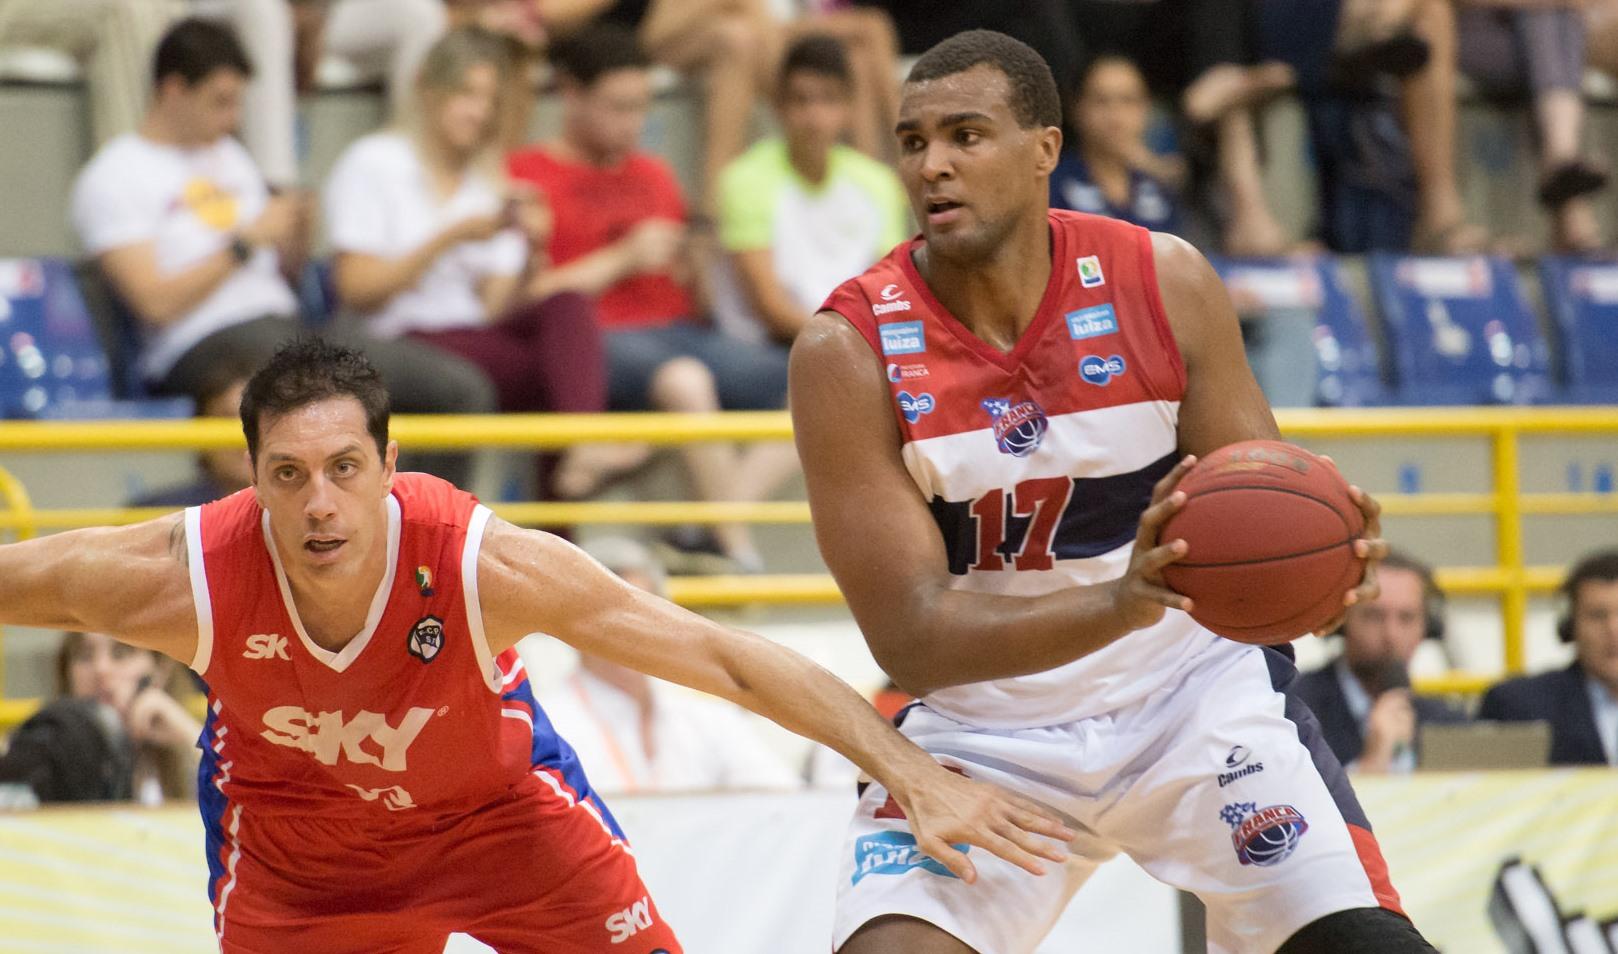 Lucas fechou a temporada 2014/2015 em alta e agora viverá um novo desafio (Newton Nogueria/Divulgação)